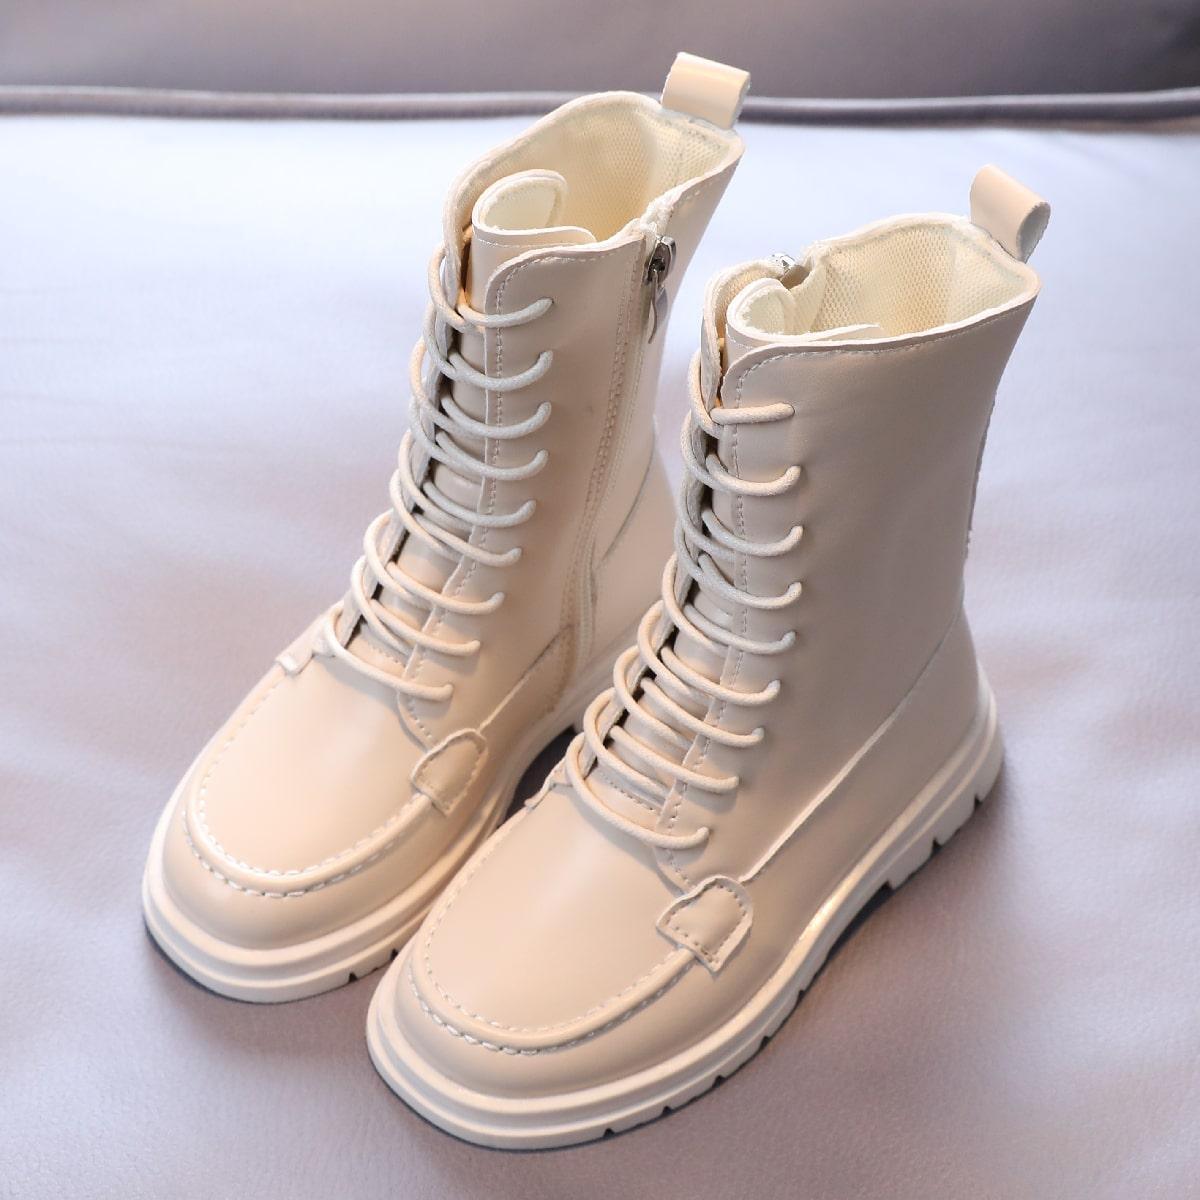 Минималистичные ботинки на молнии для мальчиков SheIn sk2108113674350137